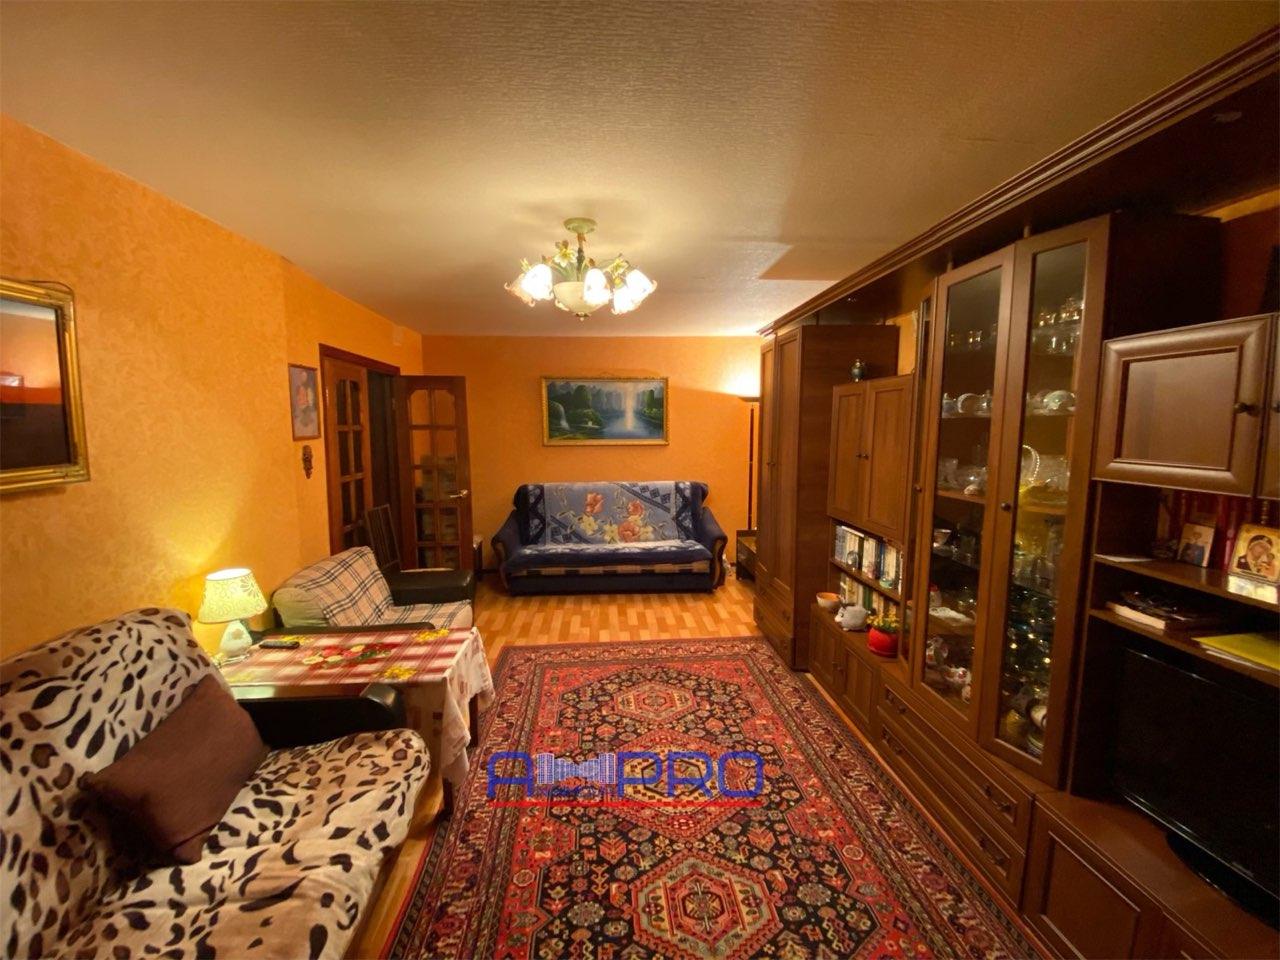 купить квартиру в москве16